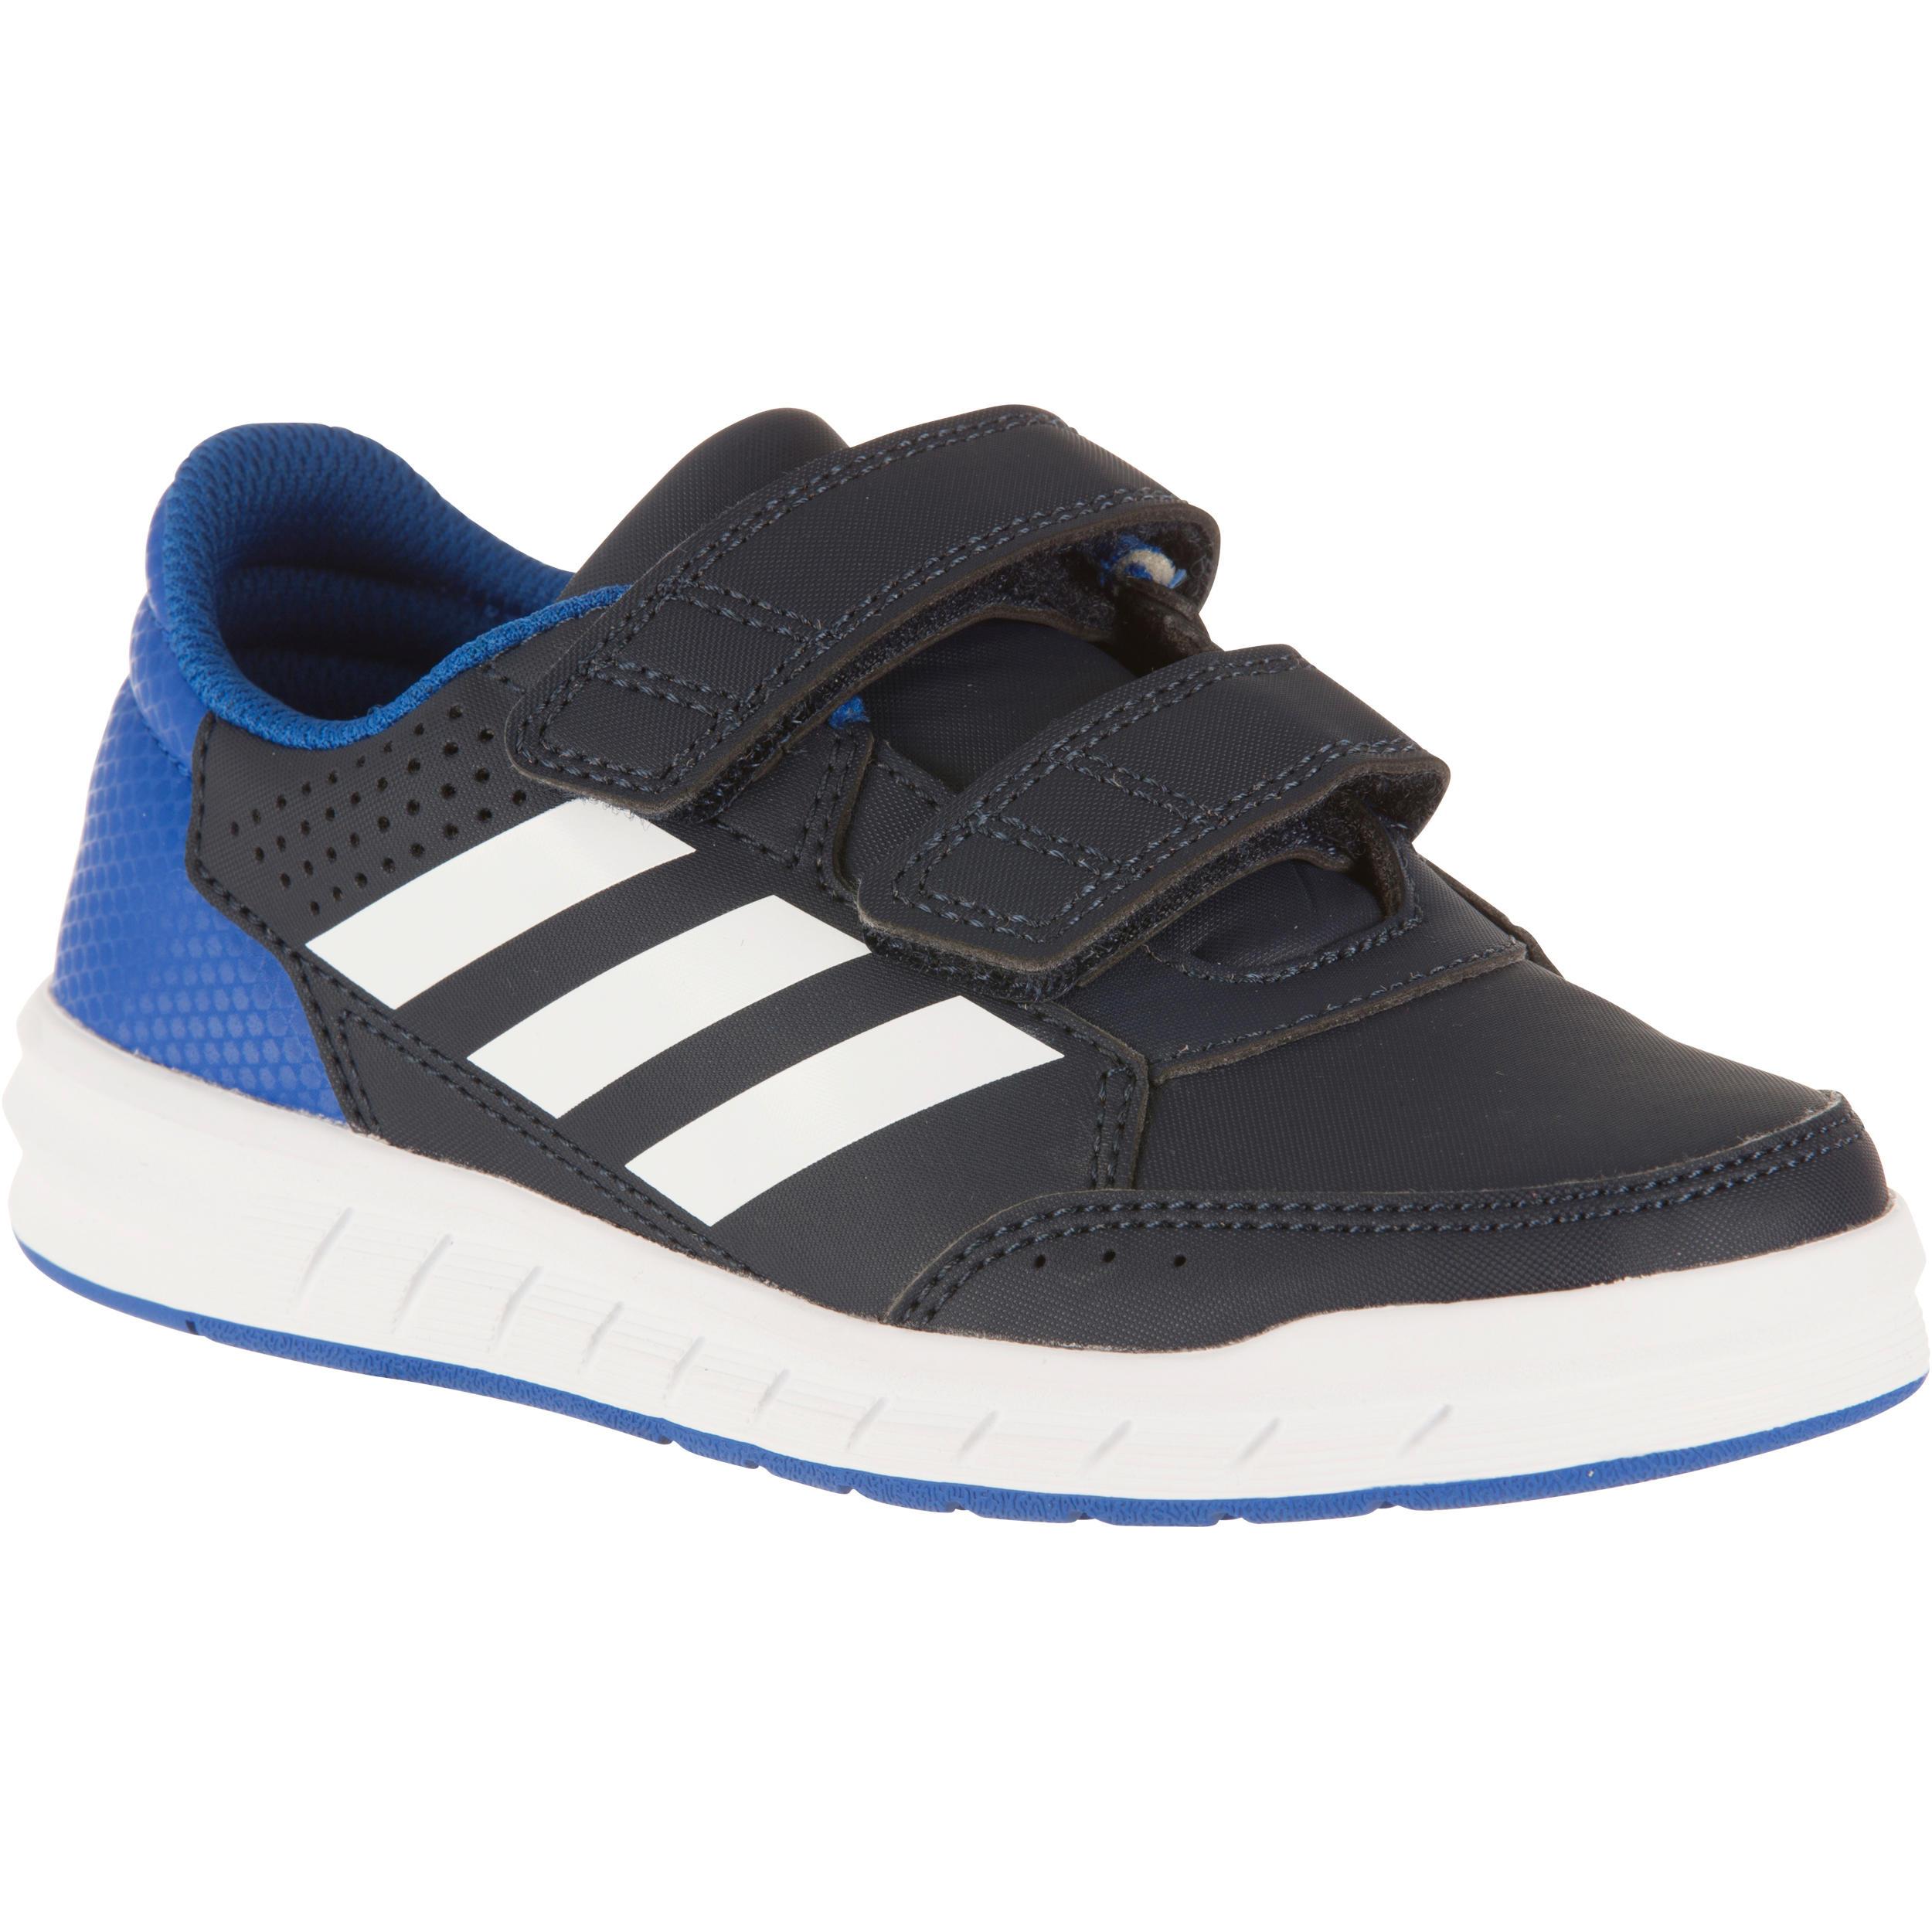 Tennisschoenen kinderen Altasport blauw